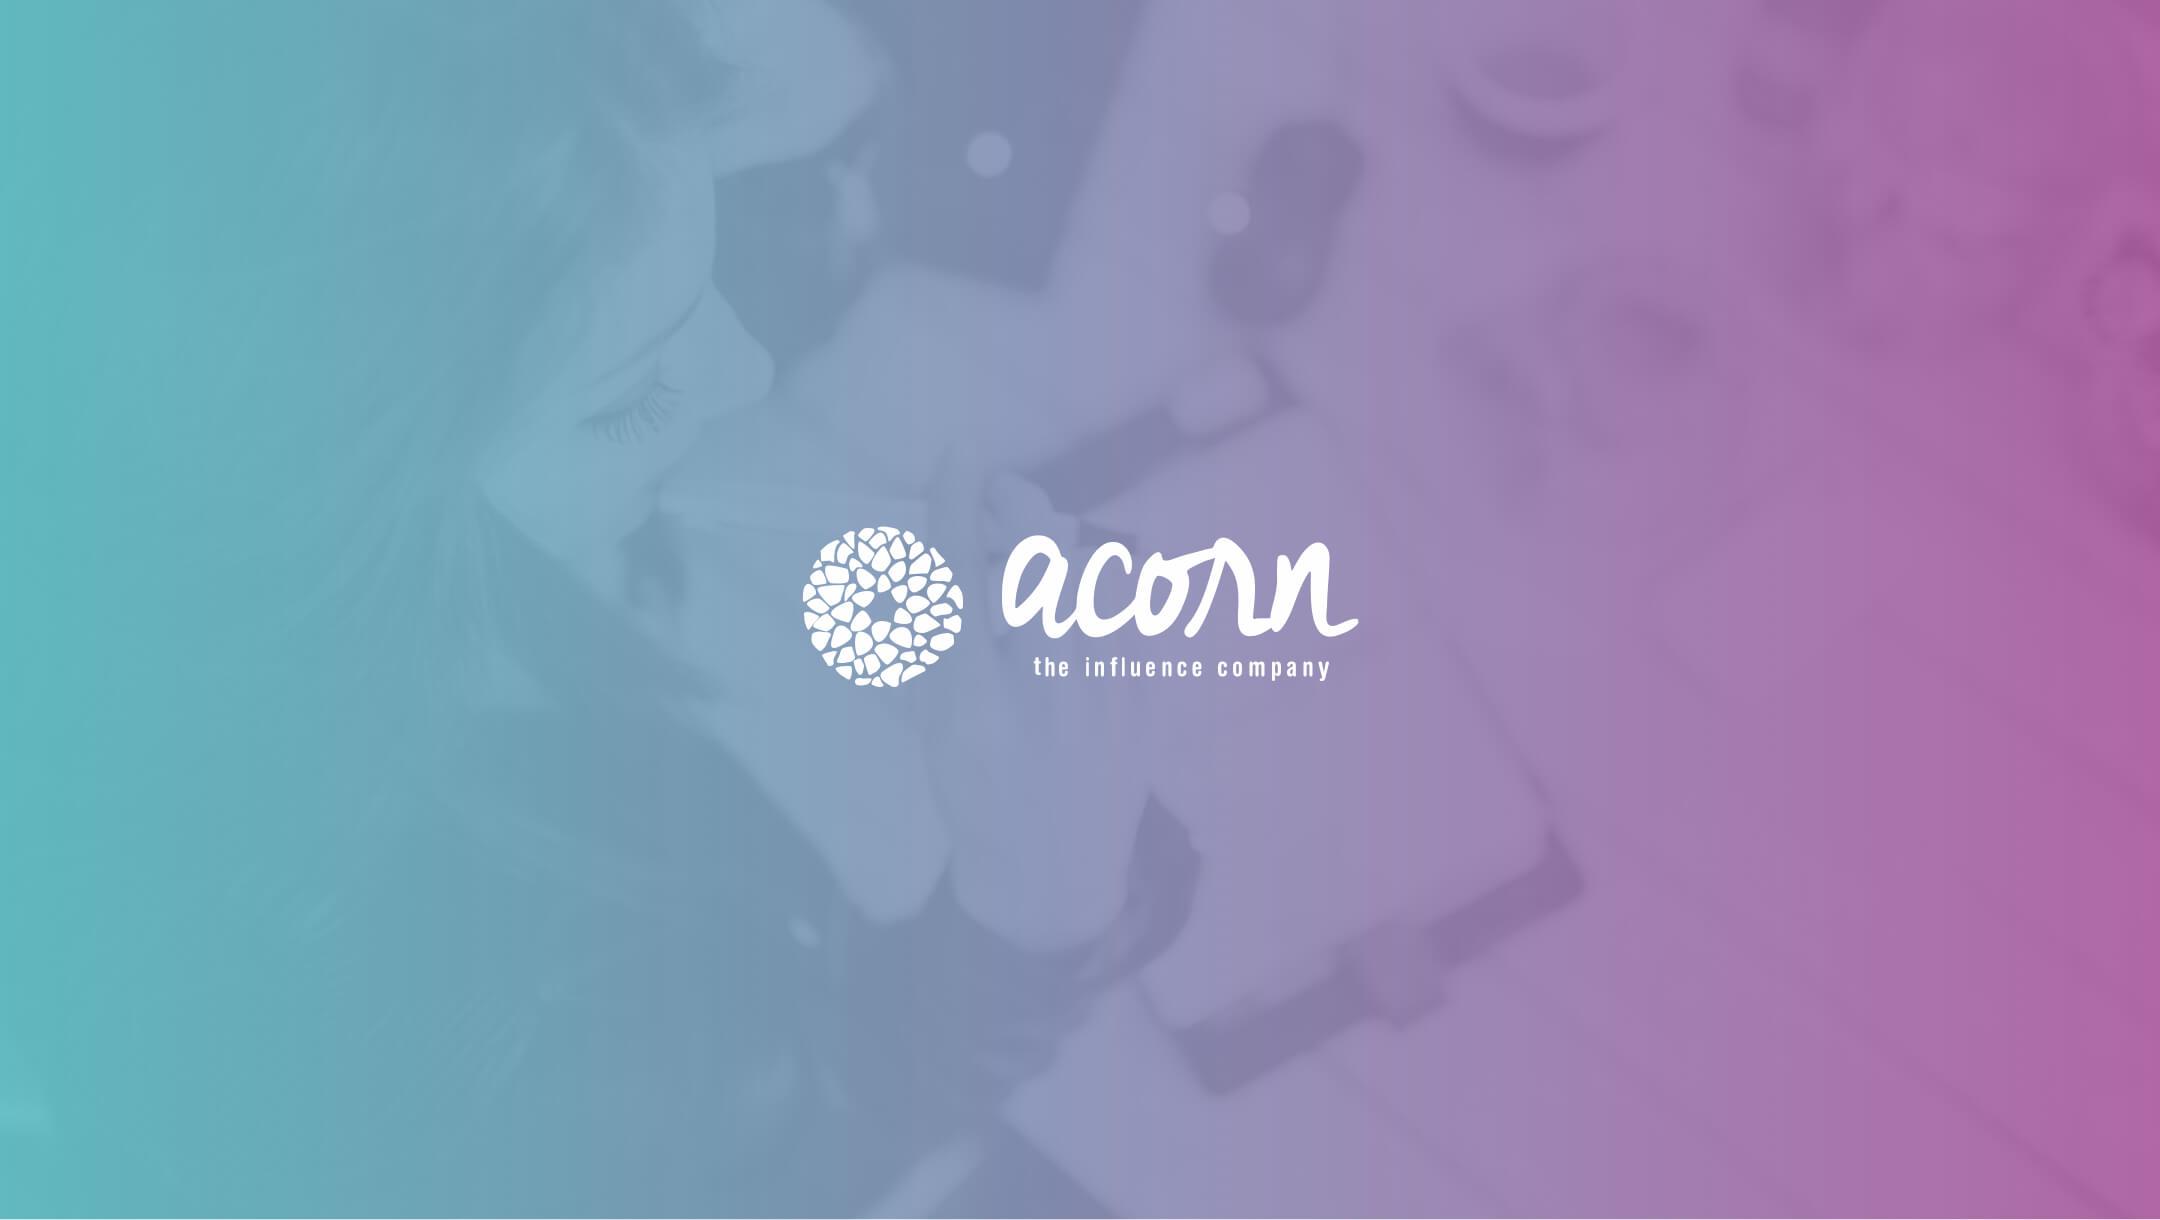 acorn influence logo with photo background